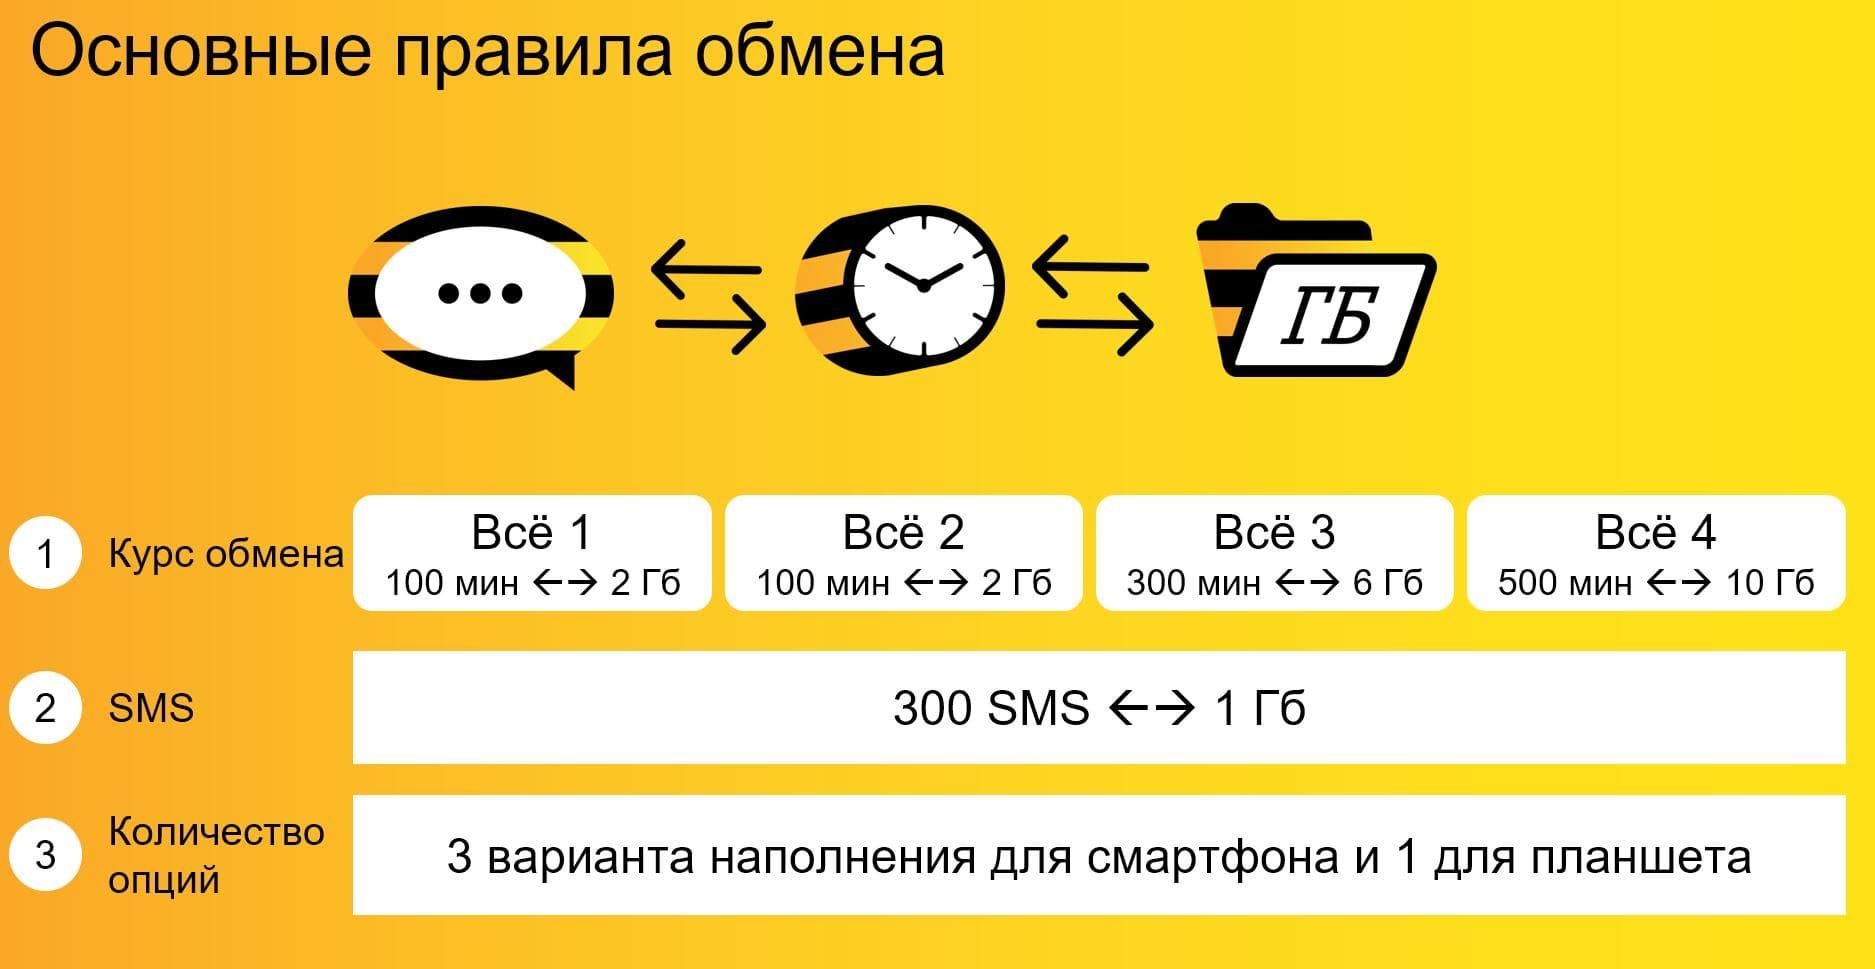 Как обменять минуты на ГБ (тарификация)